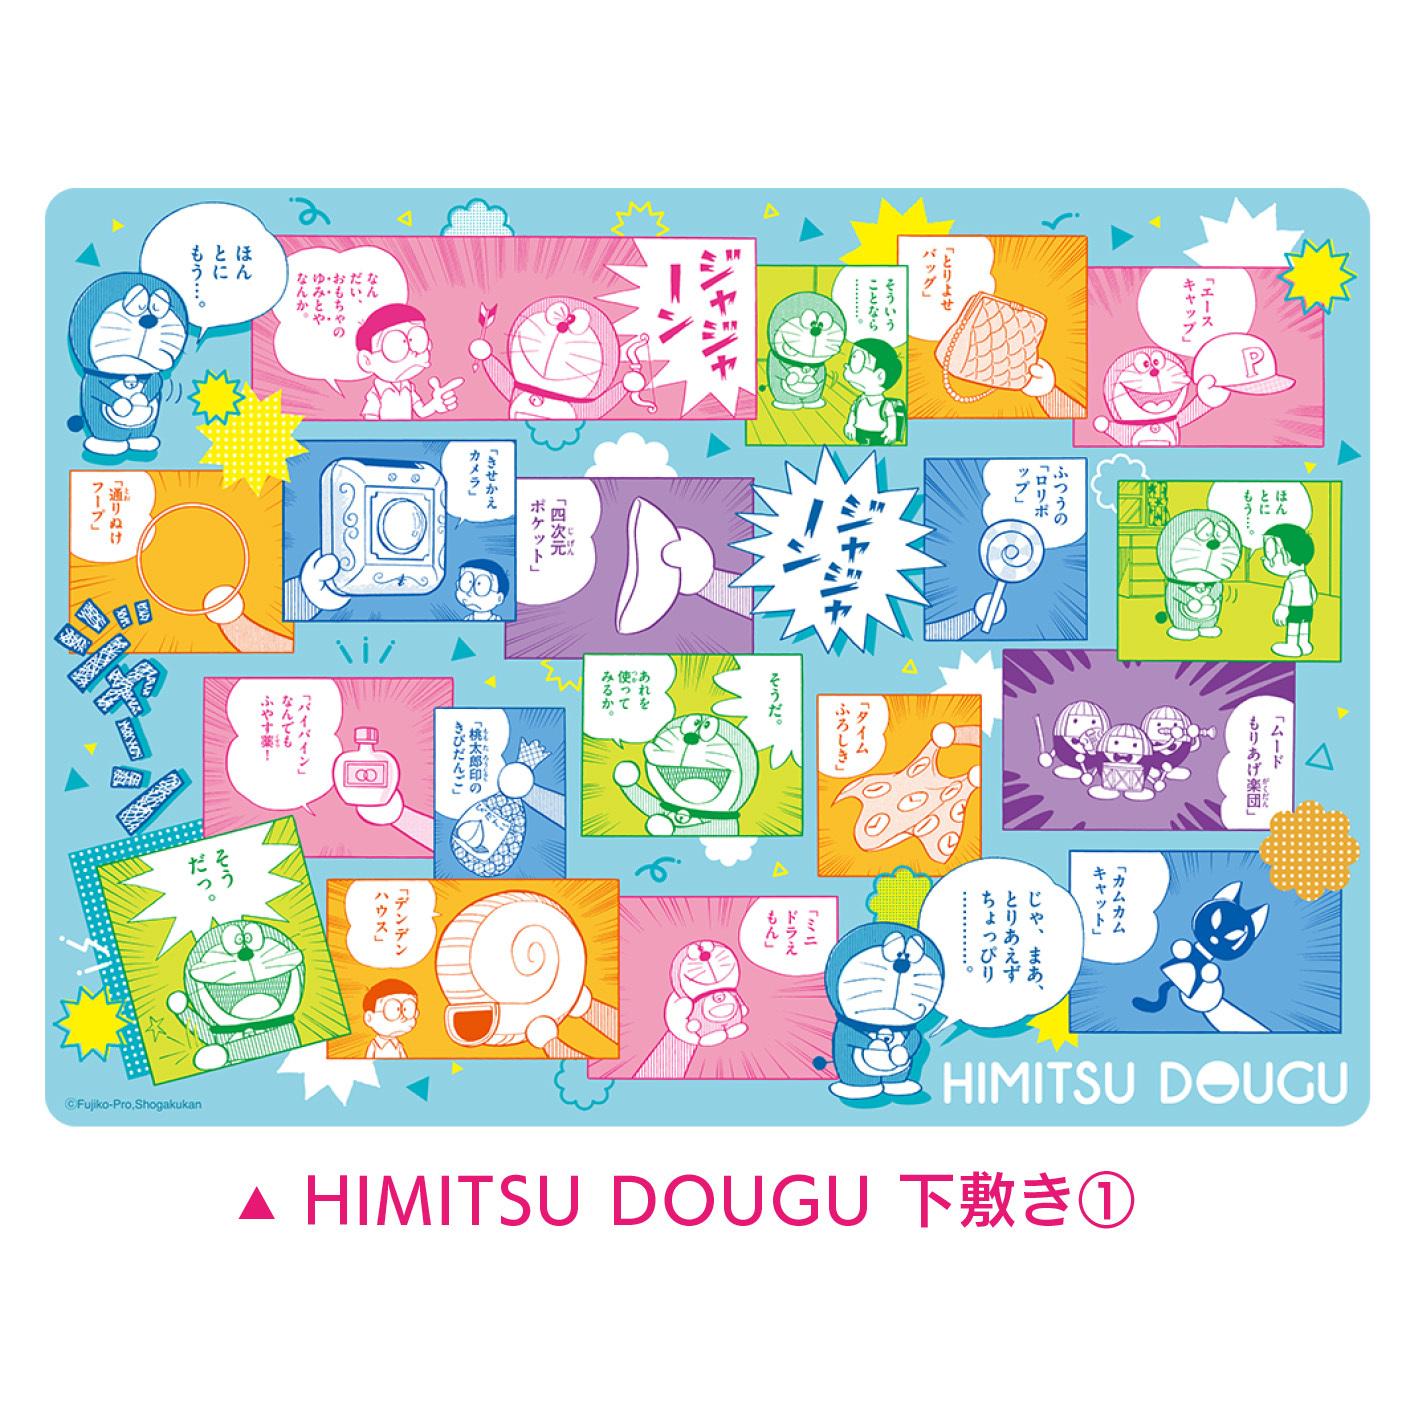 ドラえもん HIMITSU DOUGU 下敷き (1)    / エンスカイ